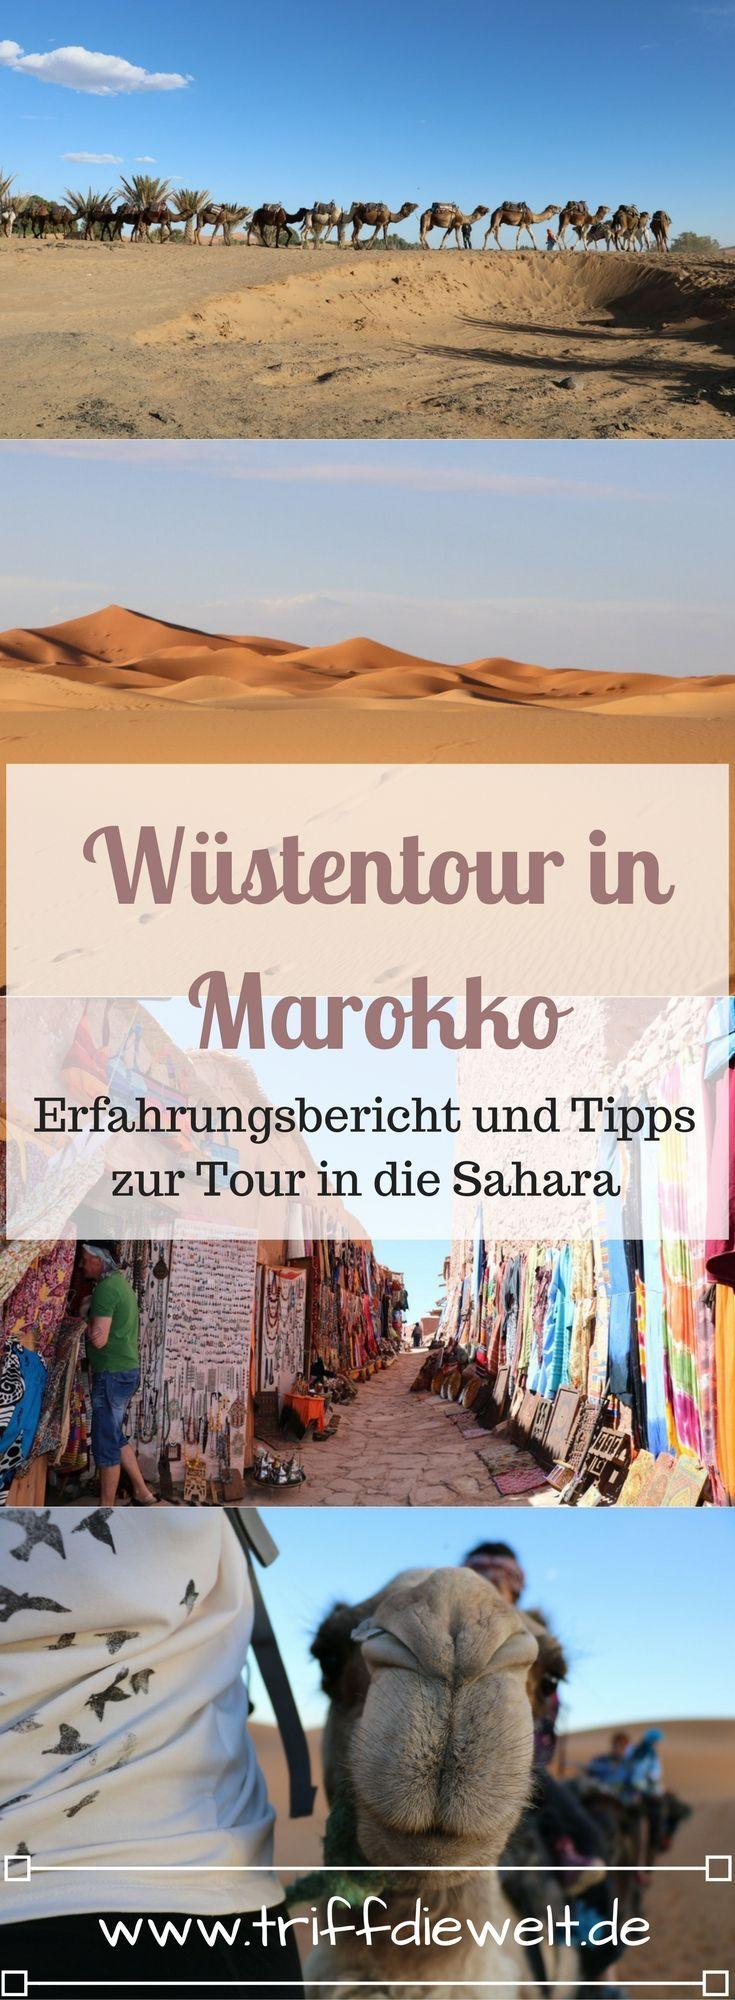 Eine Wüstentour in Marokko ist eine typische Touristenattraktion. Aber was gibt es für die Tour in die Sahra zu beachten? Wie teuer sollte sie sein und was sollte man einpacken? Hier findest du Tipps und Hinweise.